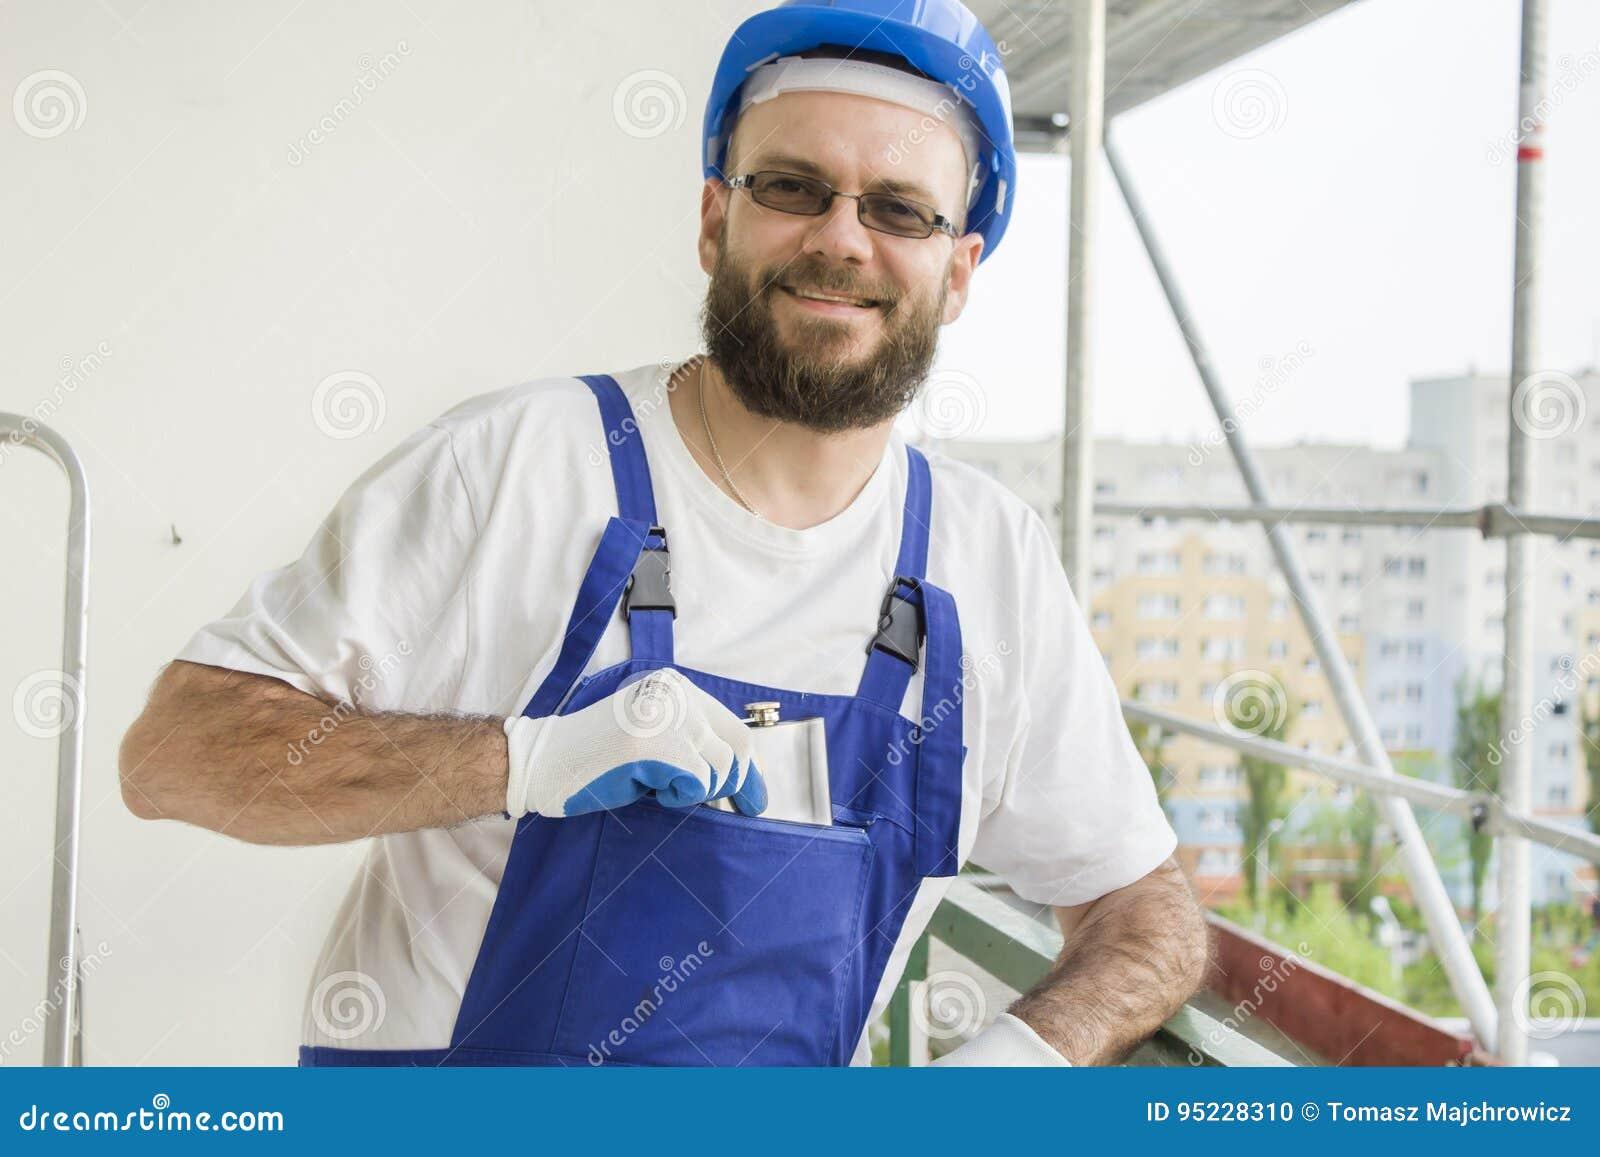 Усмехаясь рабочий-строитель в обмундировании работы, защитных перчатках и шлеме на его голове вытягивает серебряную бедр-склянку